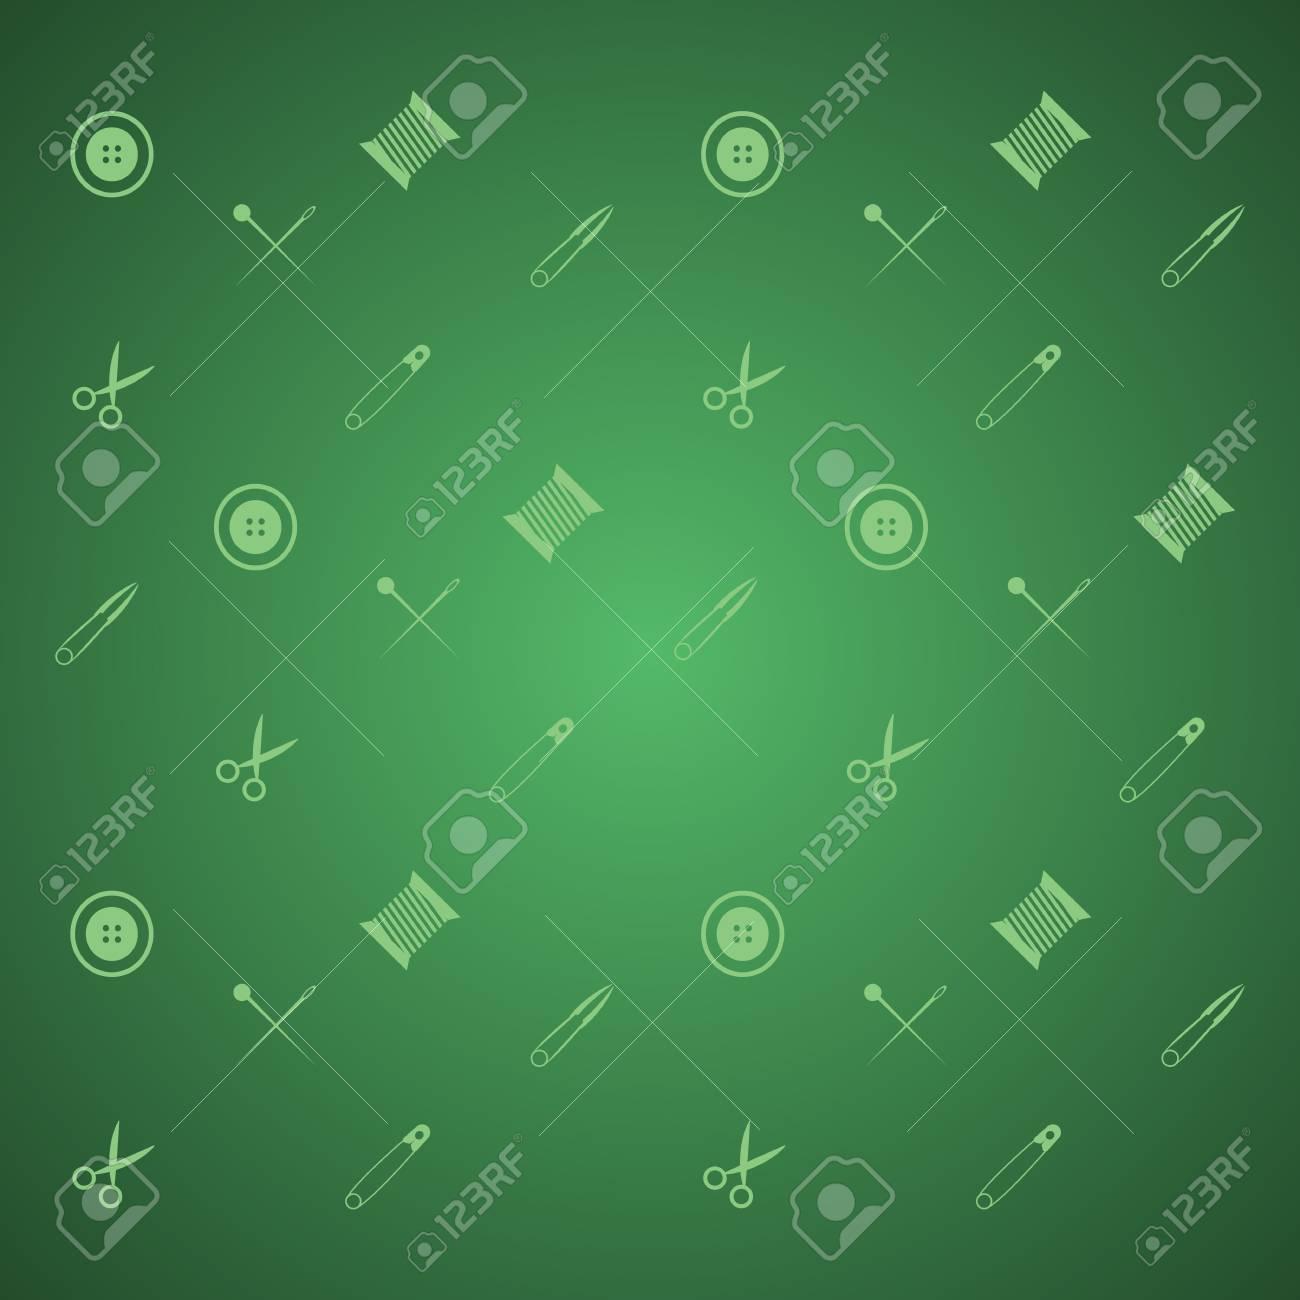 Muster Mit Nähzeug Auf Grünem Hintergrund Lizenzfreie Fotos, Bilder ...